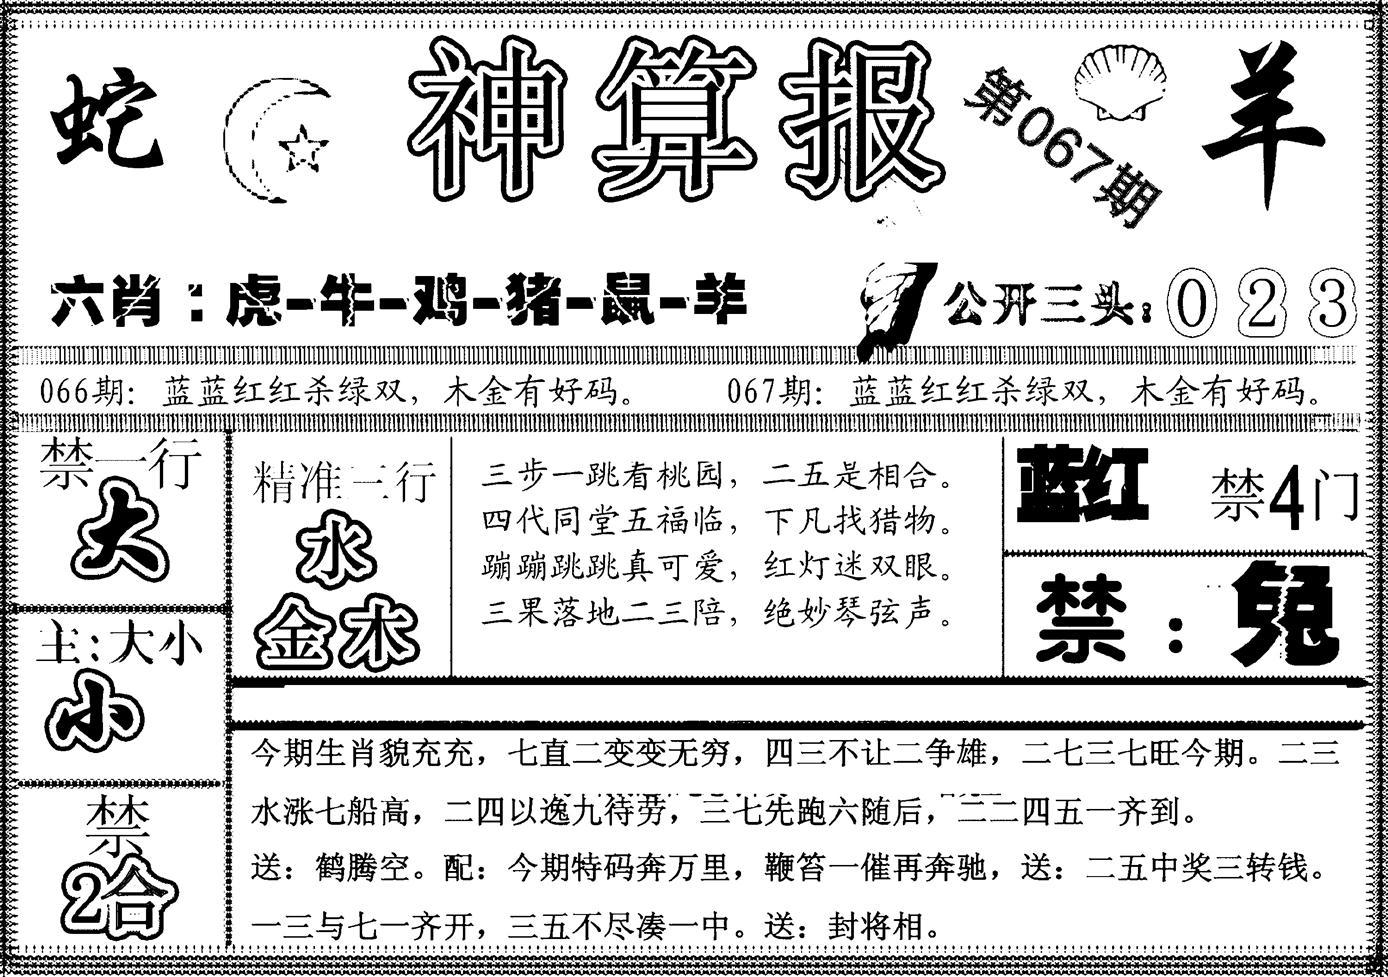 067期另神算报(黑白)